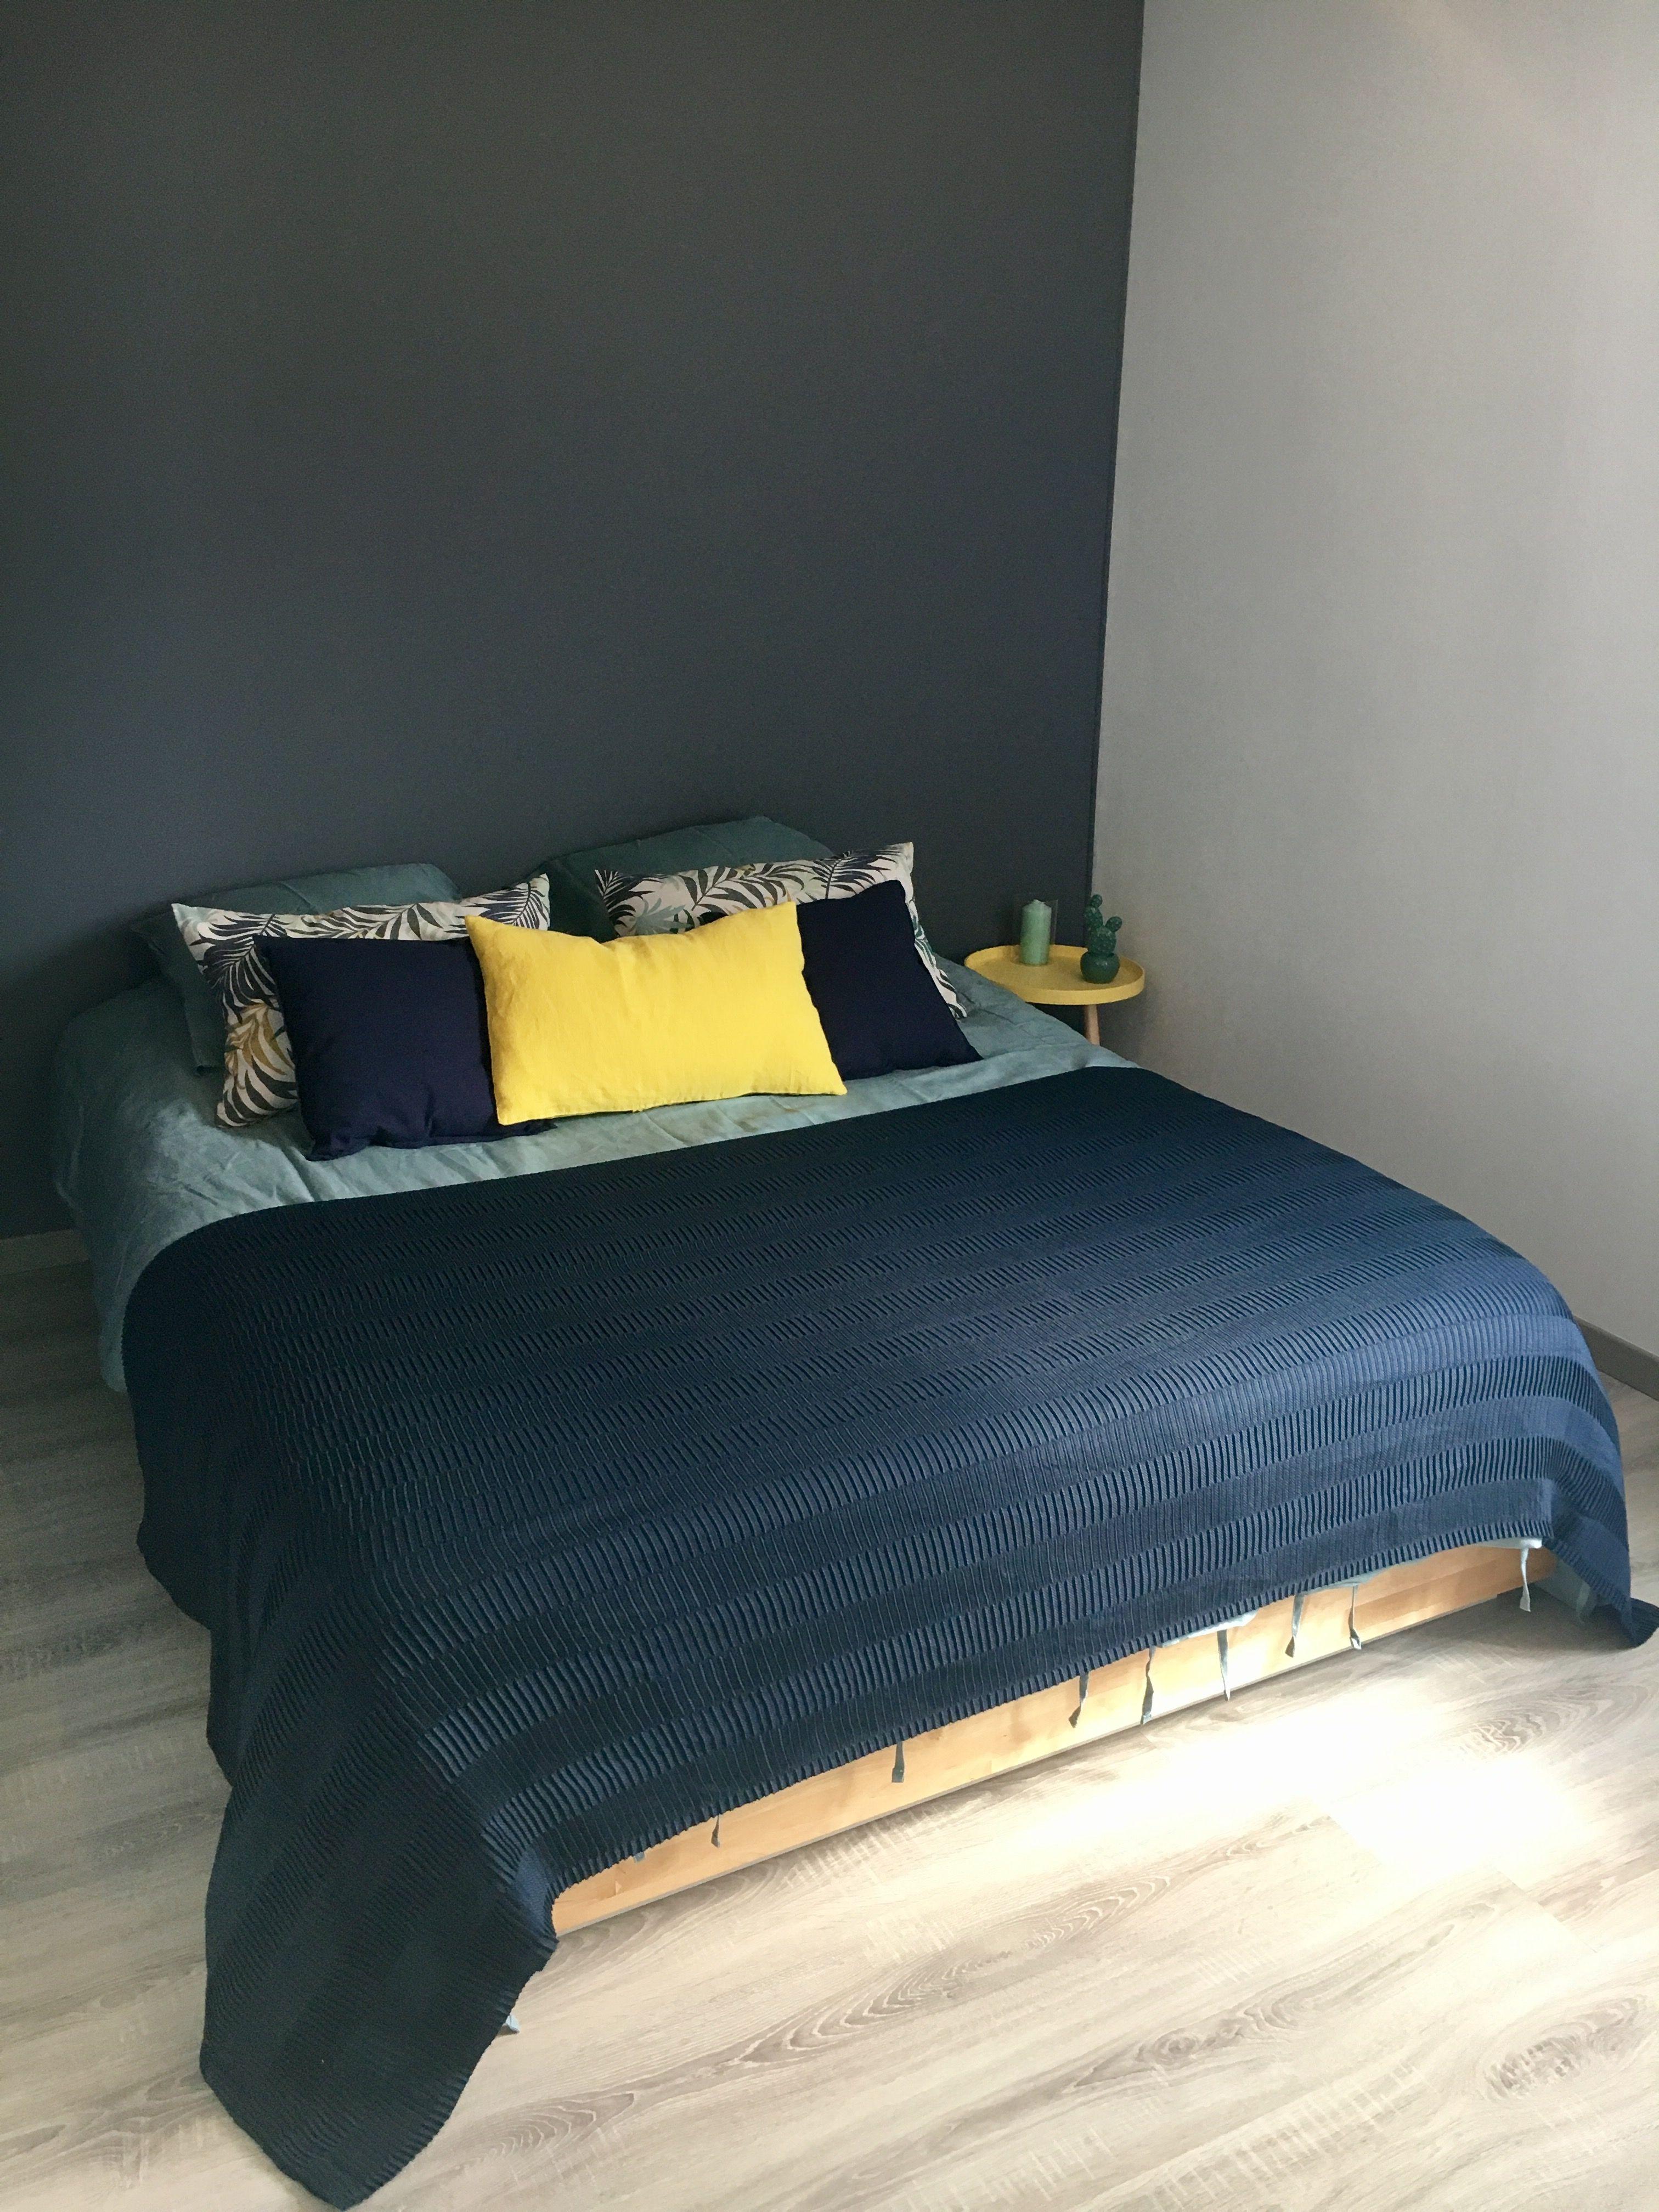 chambre adulte gris galet jaune bleu chambre chambre chambre adulte et deco chambre. Black Bedroom Furniture Sets. Home Design Ideas